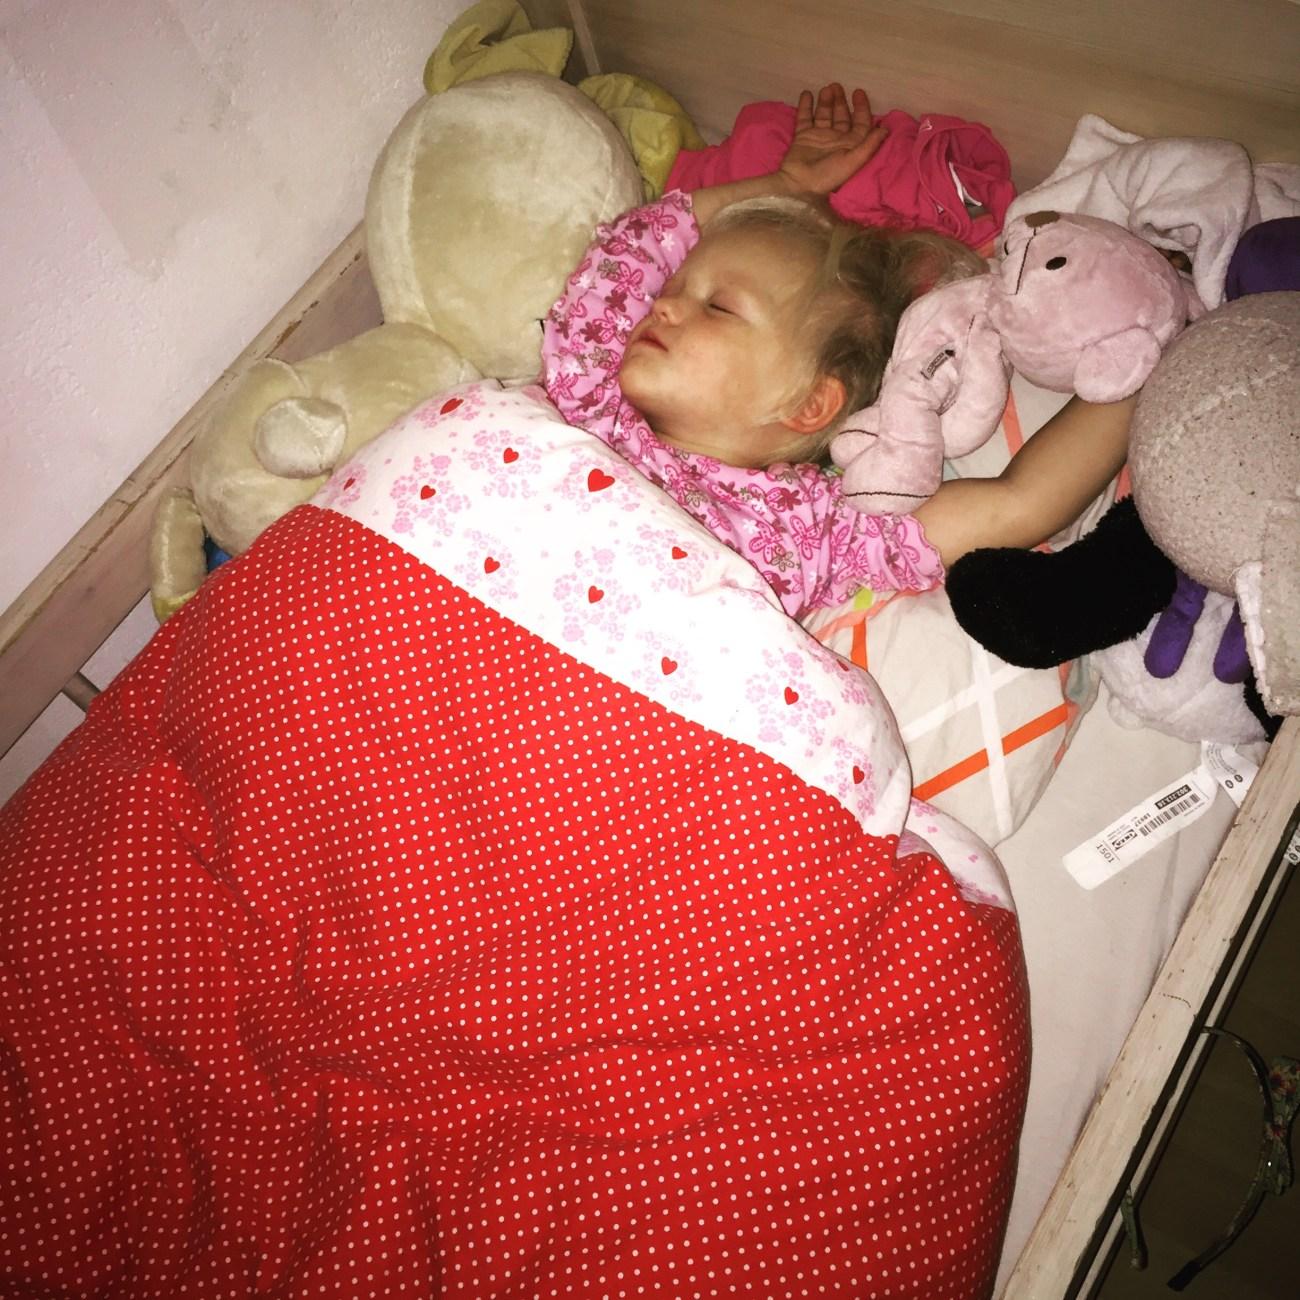 De zaterdag lijkt hier vaak een verloren dag qua foto's. Vaak slaap ik even bij van een drukke week en korte nachten. Zaterdagnacht nam ik een kijkje bij Liza. Zo schattig. Sinds een week slaapt ze de hele nacht in haar eigen bed en ik ben zo trots op haar!